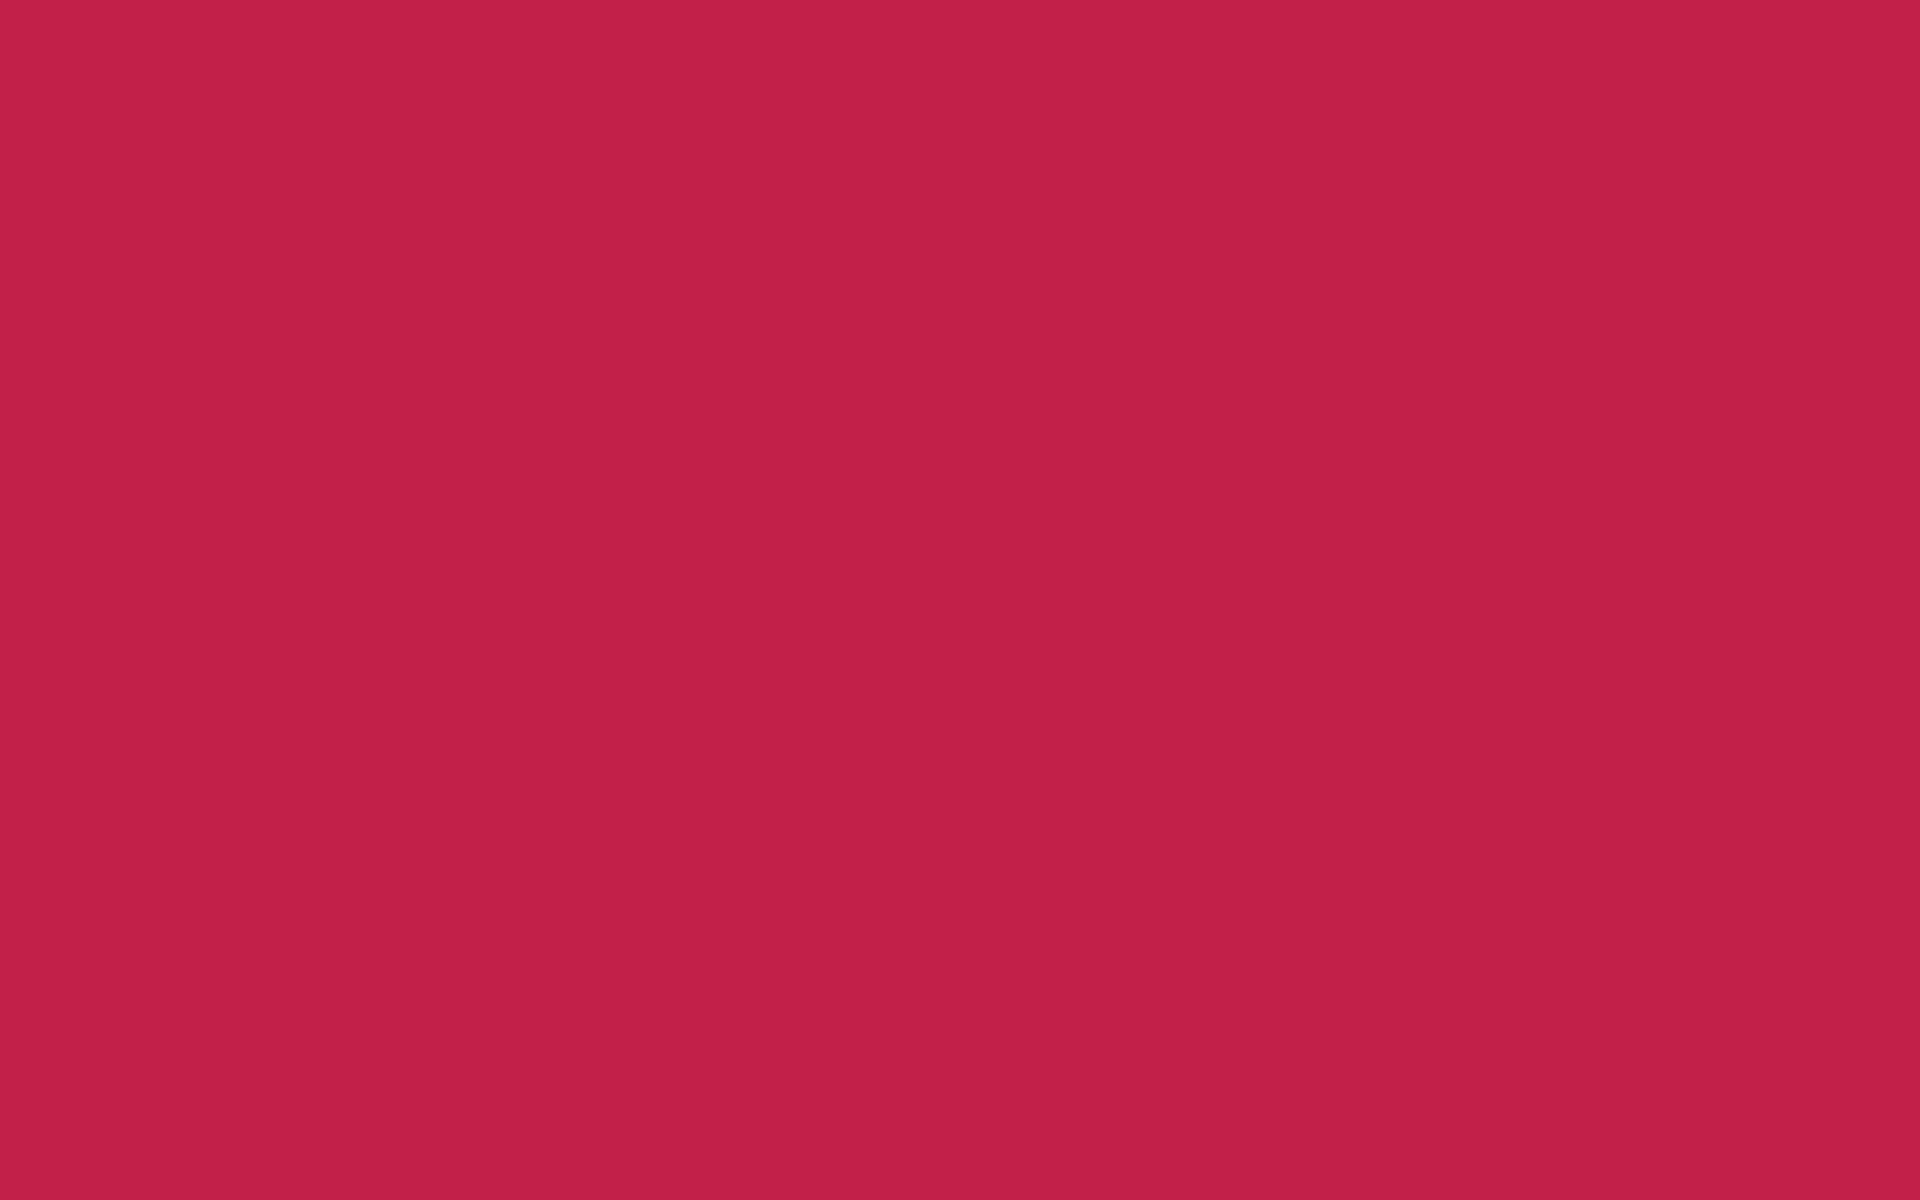 Solid Color Wallpaper Solid Color Wallpaper 2109 1920x1200